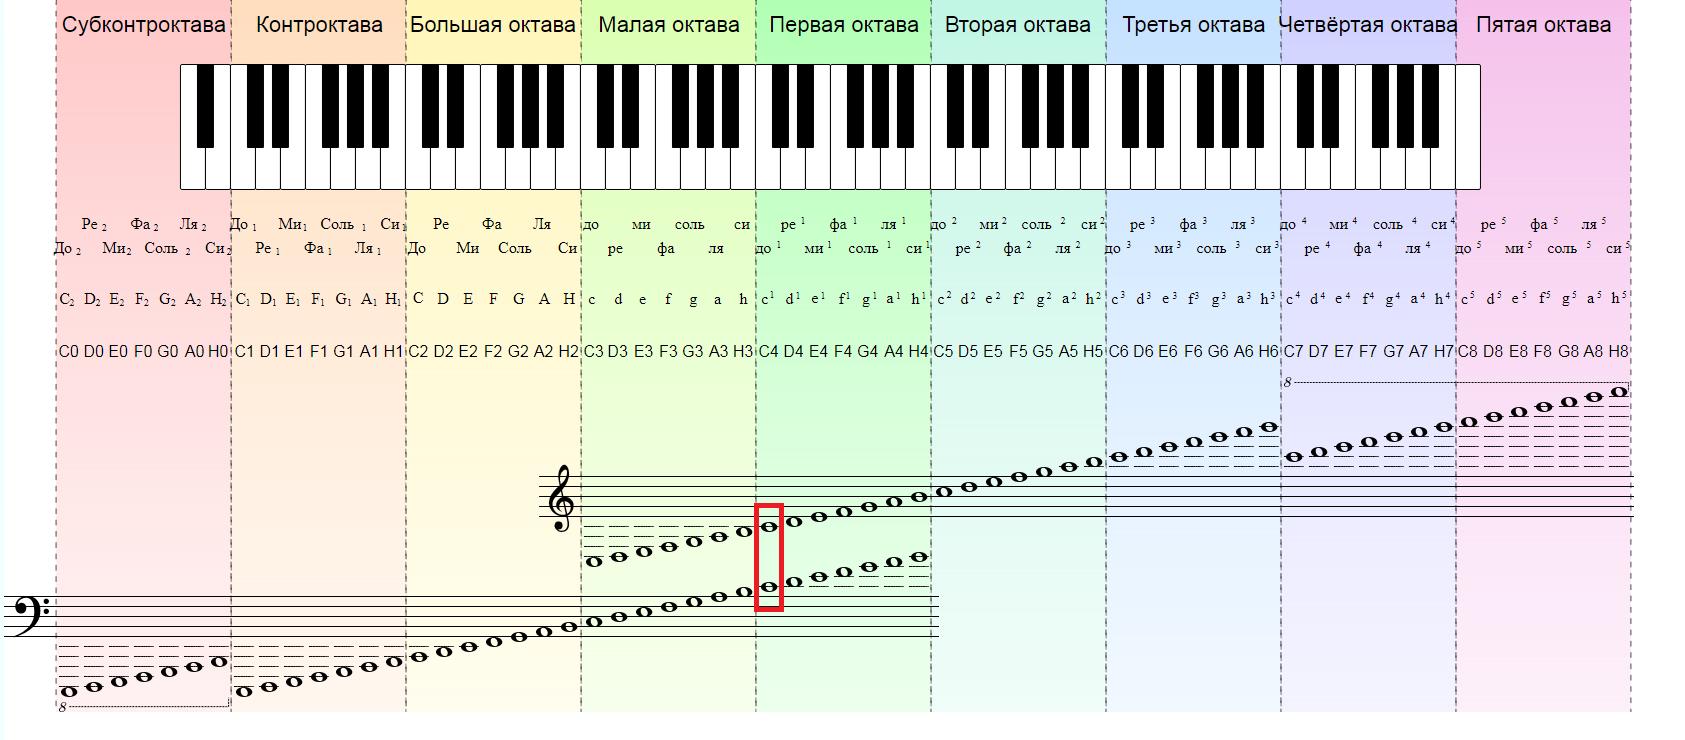 Клавиатура фортепиано и нотный стан